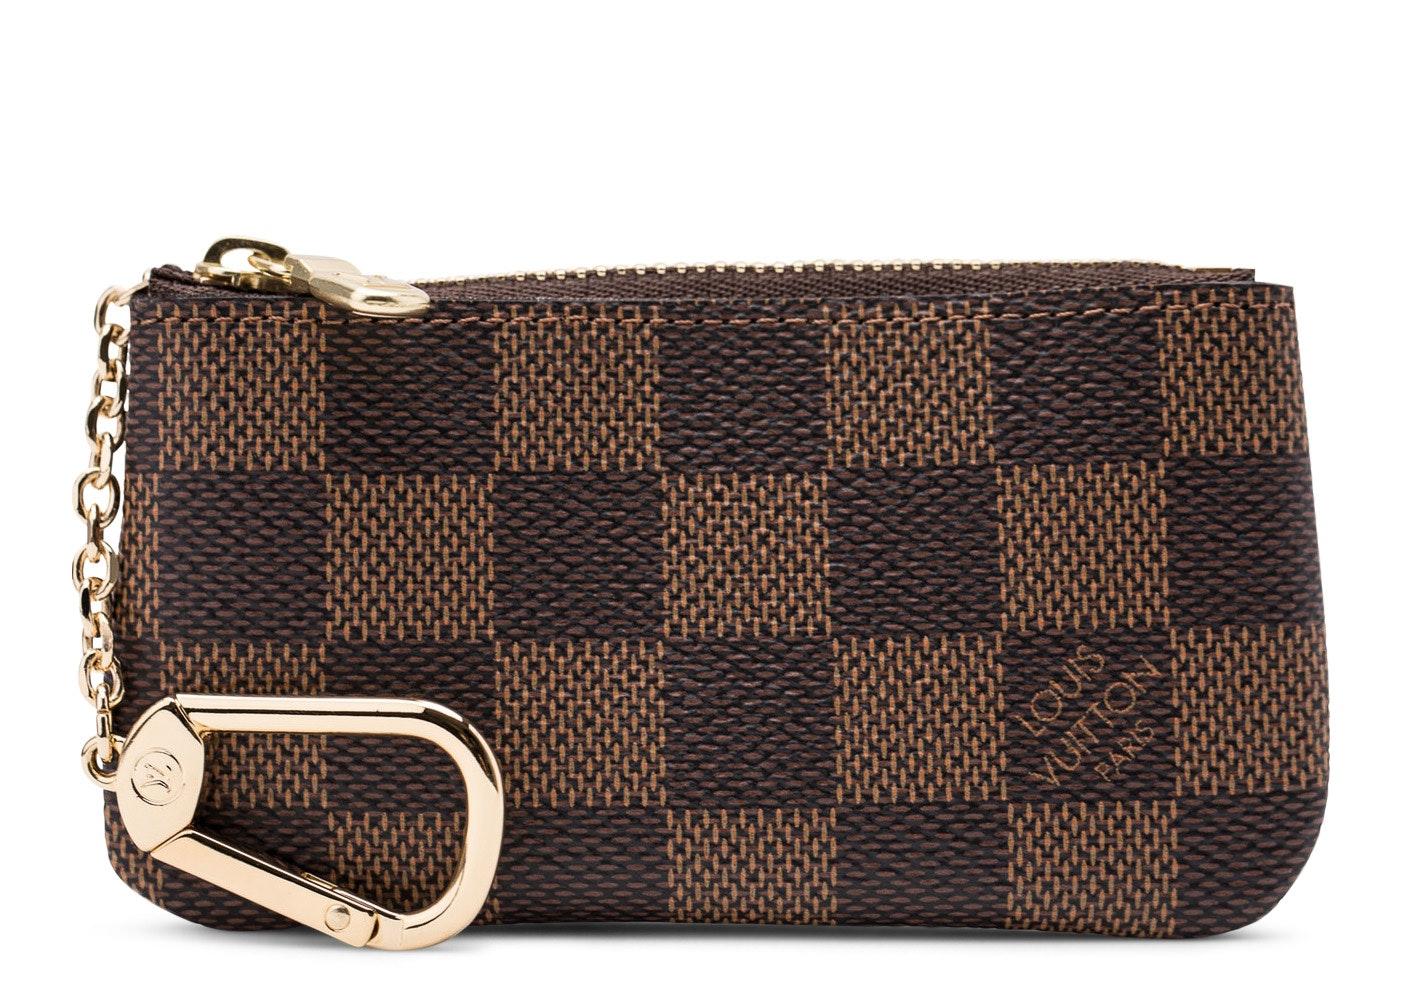 Louis Vuitton Key Pouch Damier Ebene